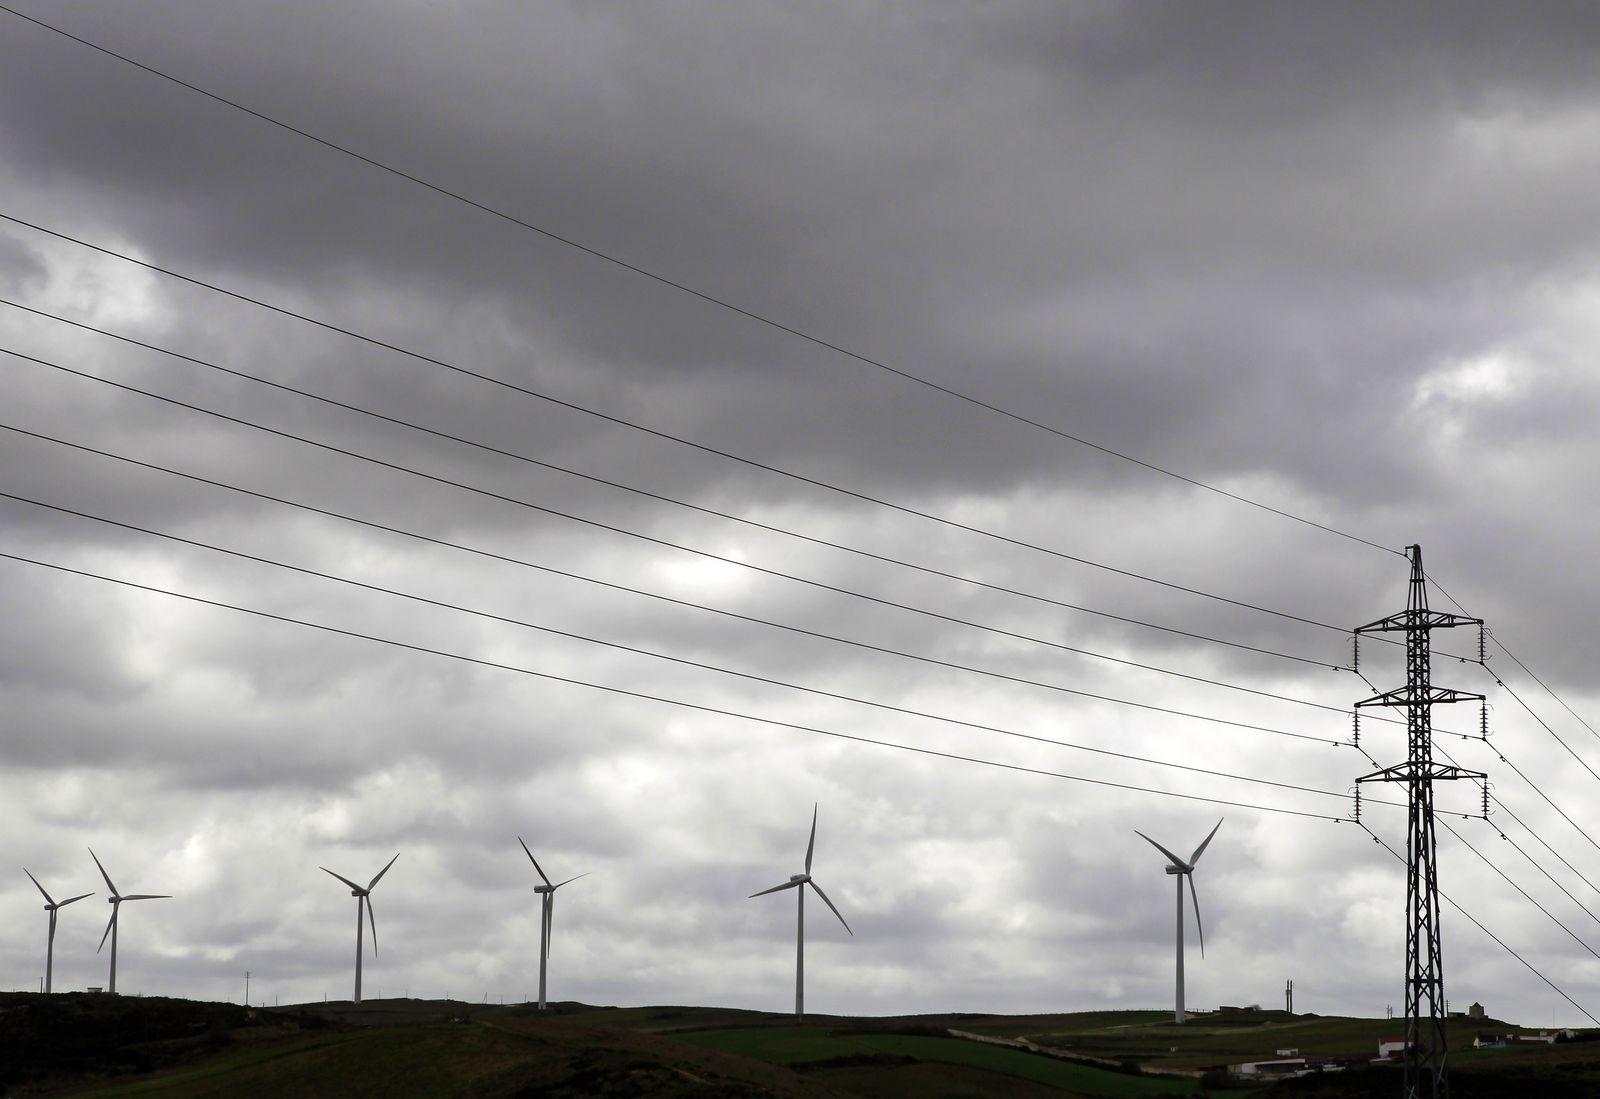 Windkrafträder / Windenenergie / Stromnetz / Stromleitungen in Lissabon / Portugal